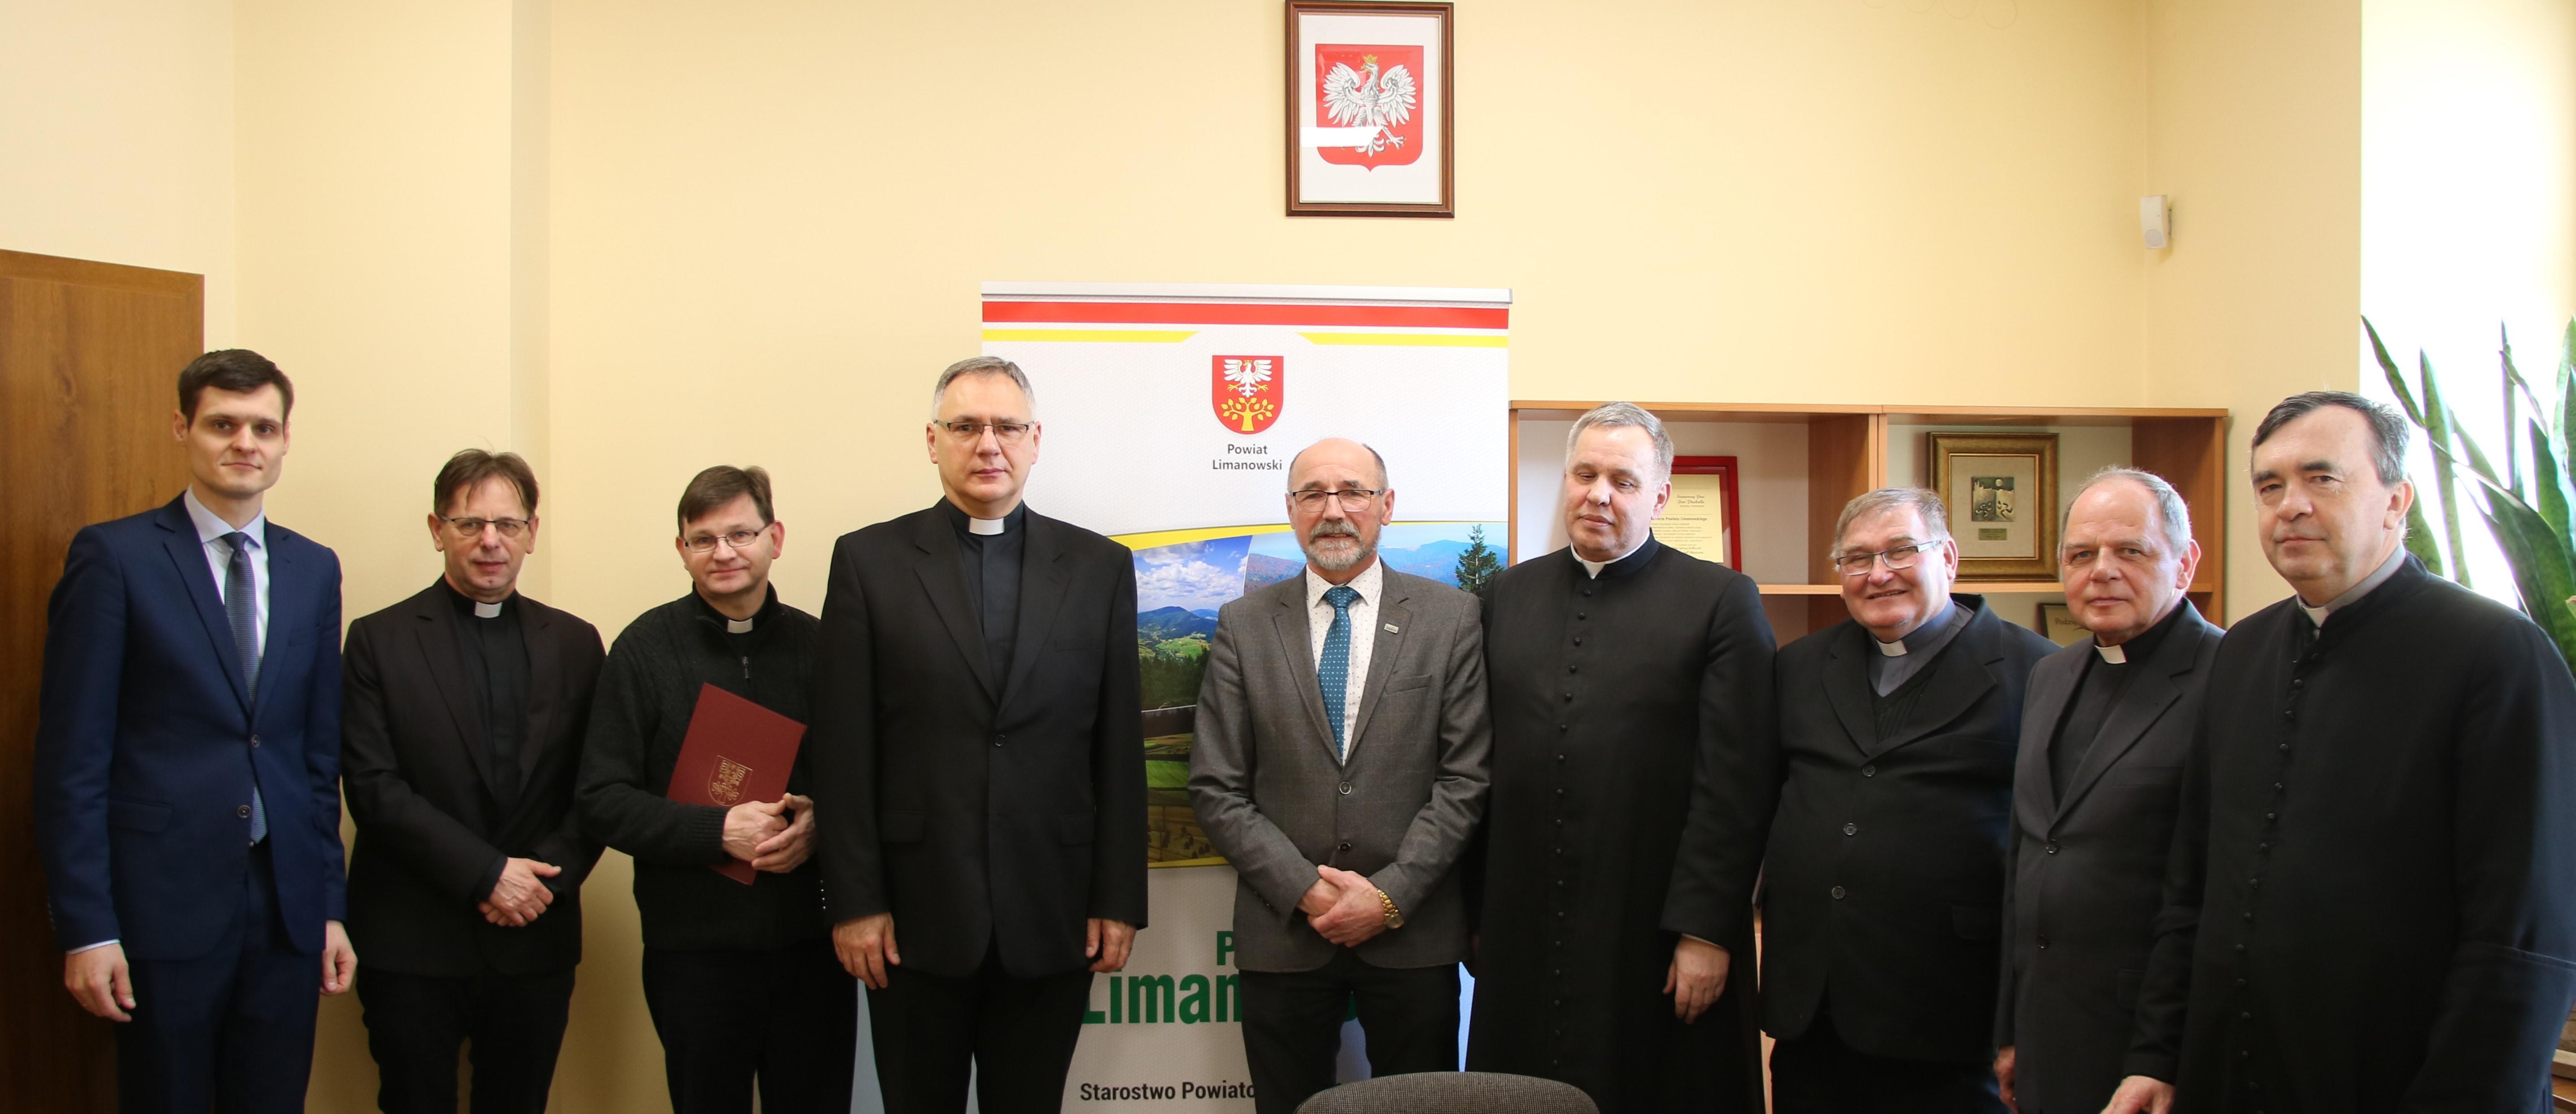 Podpisanie umów na renowacje zabytków w powiecie limanowskim